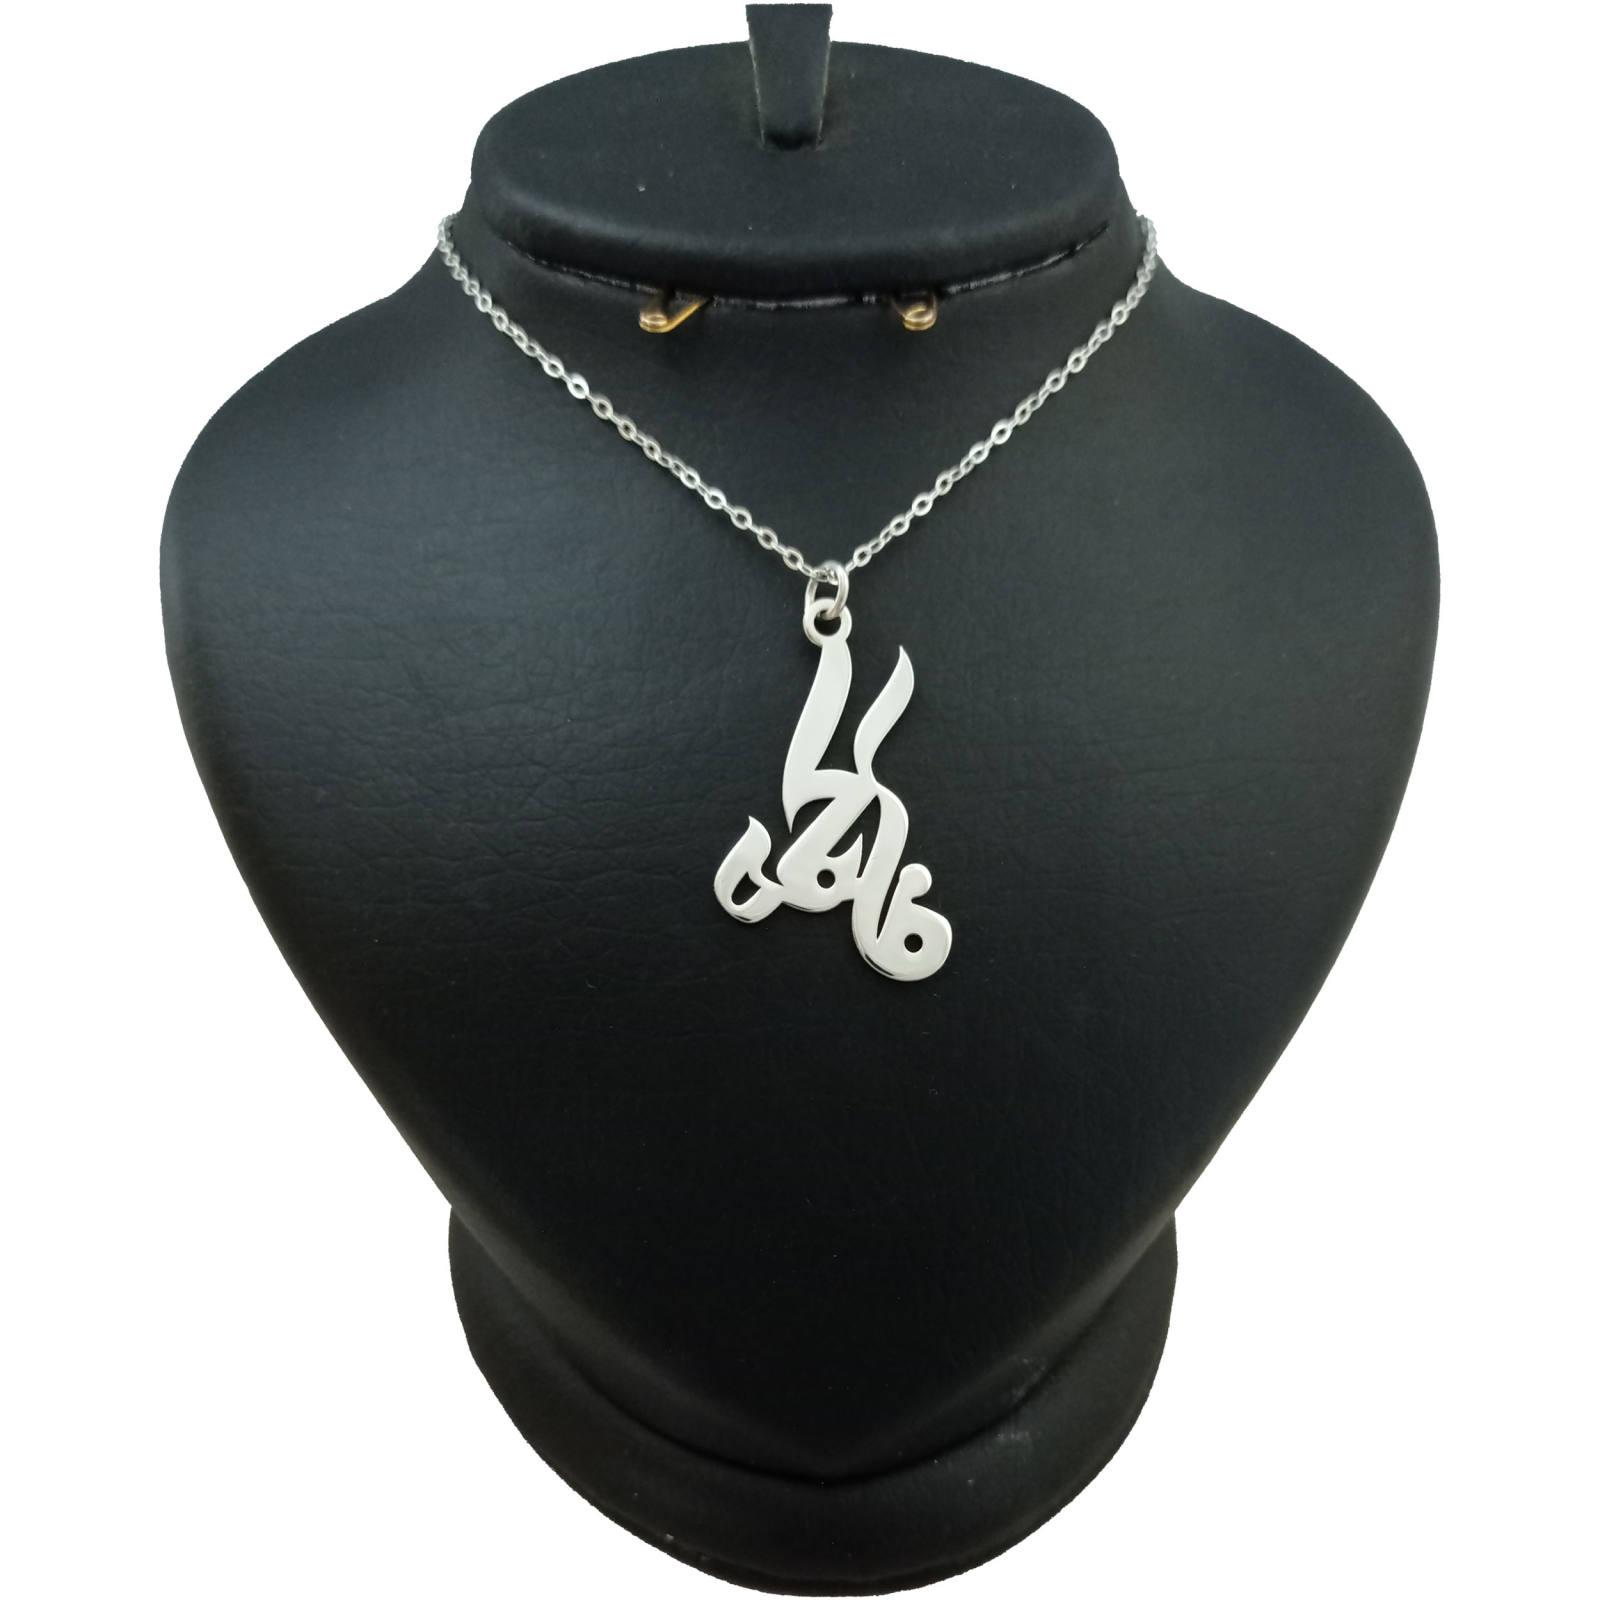 گردنبند نقره زنانه ترمه 1 طرح فاطمه کد mas 0025 -  - 2